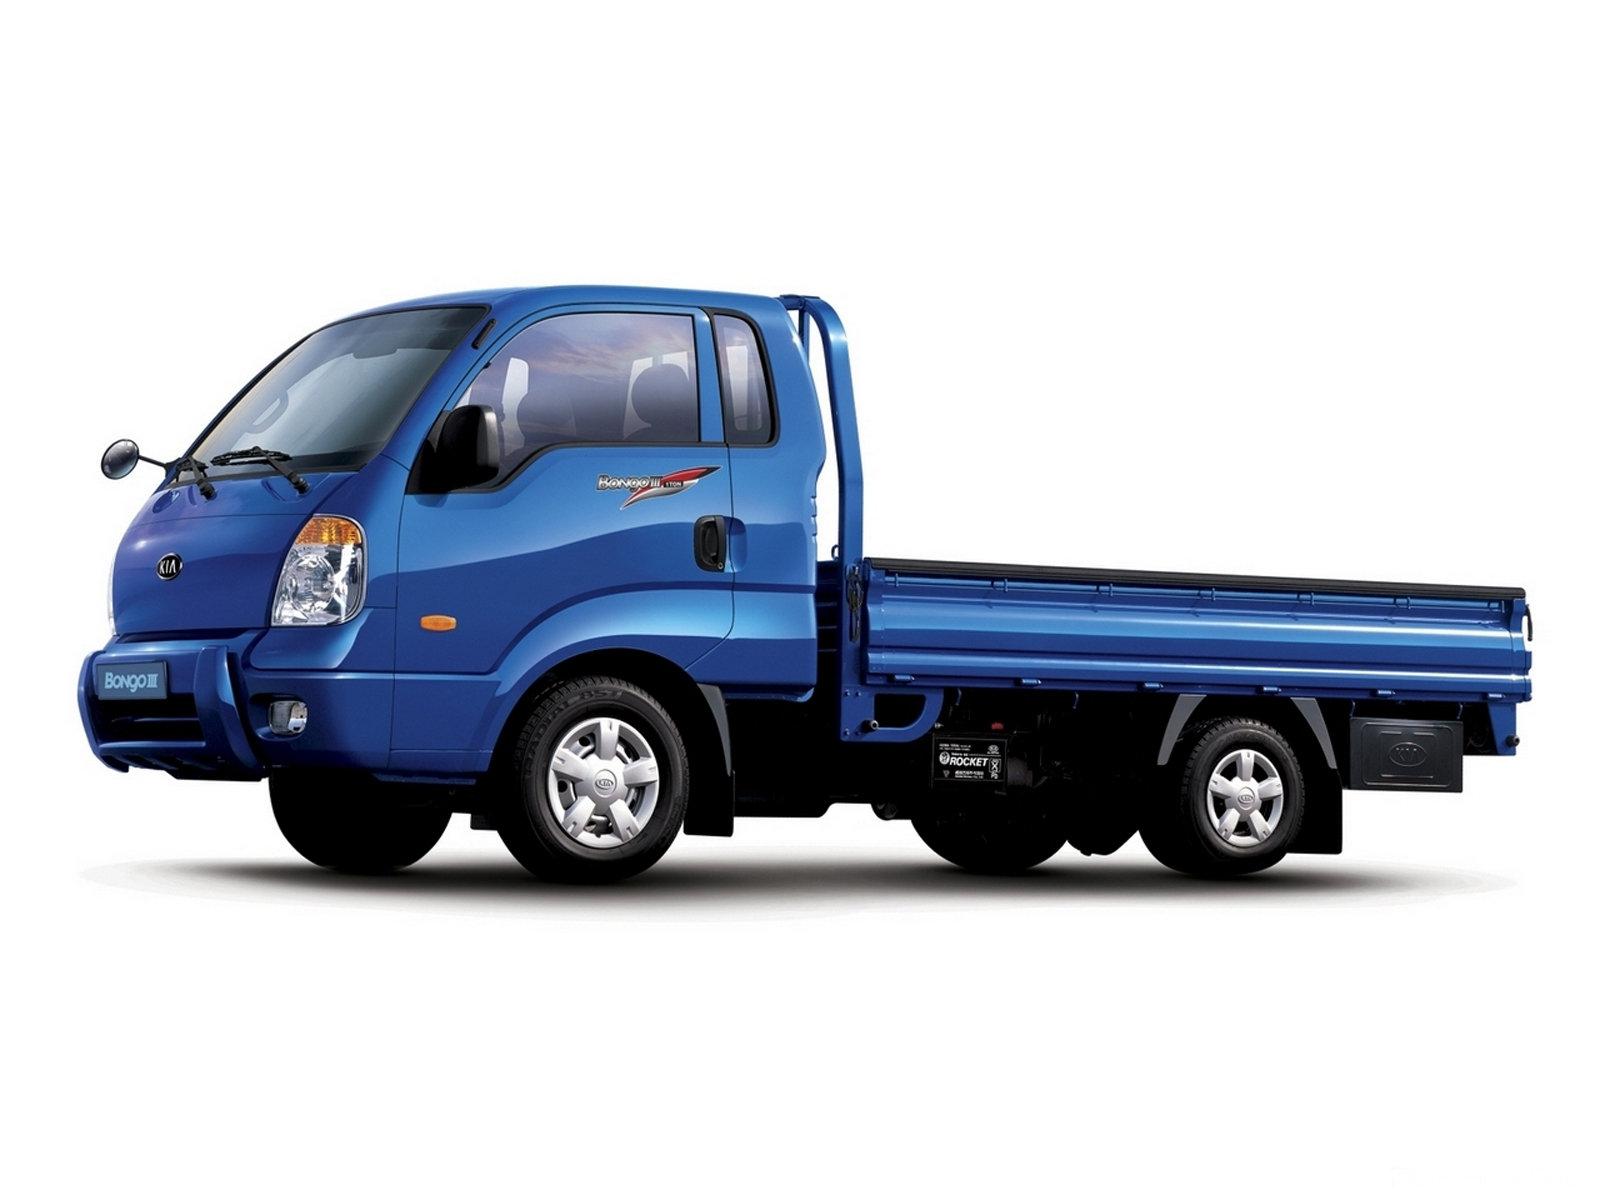 В продаже KIA bongo III (К2500) Фургон промтоварный по выгодной цене c фотографиями и описанием, продаю в Москва...